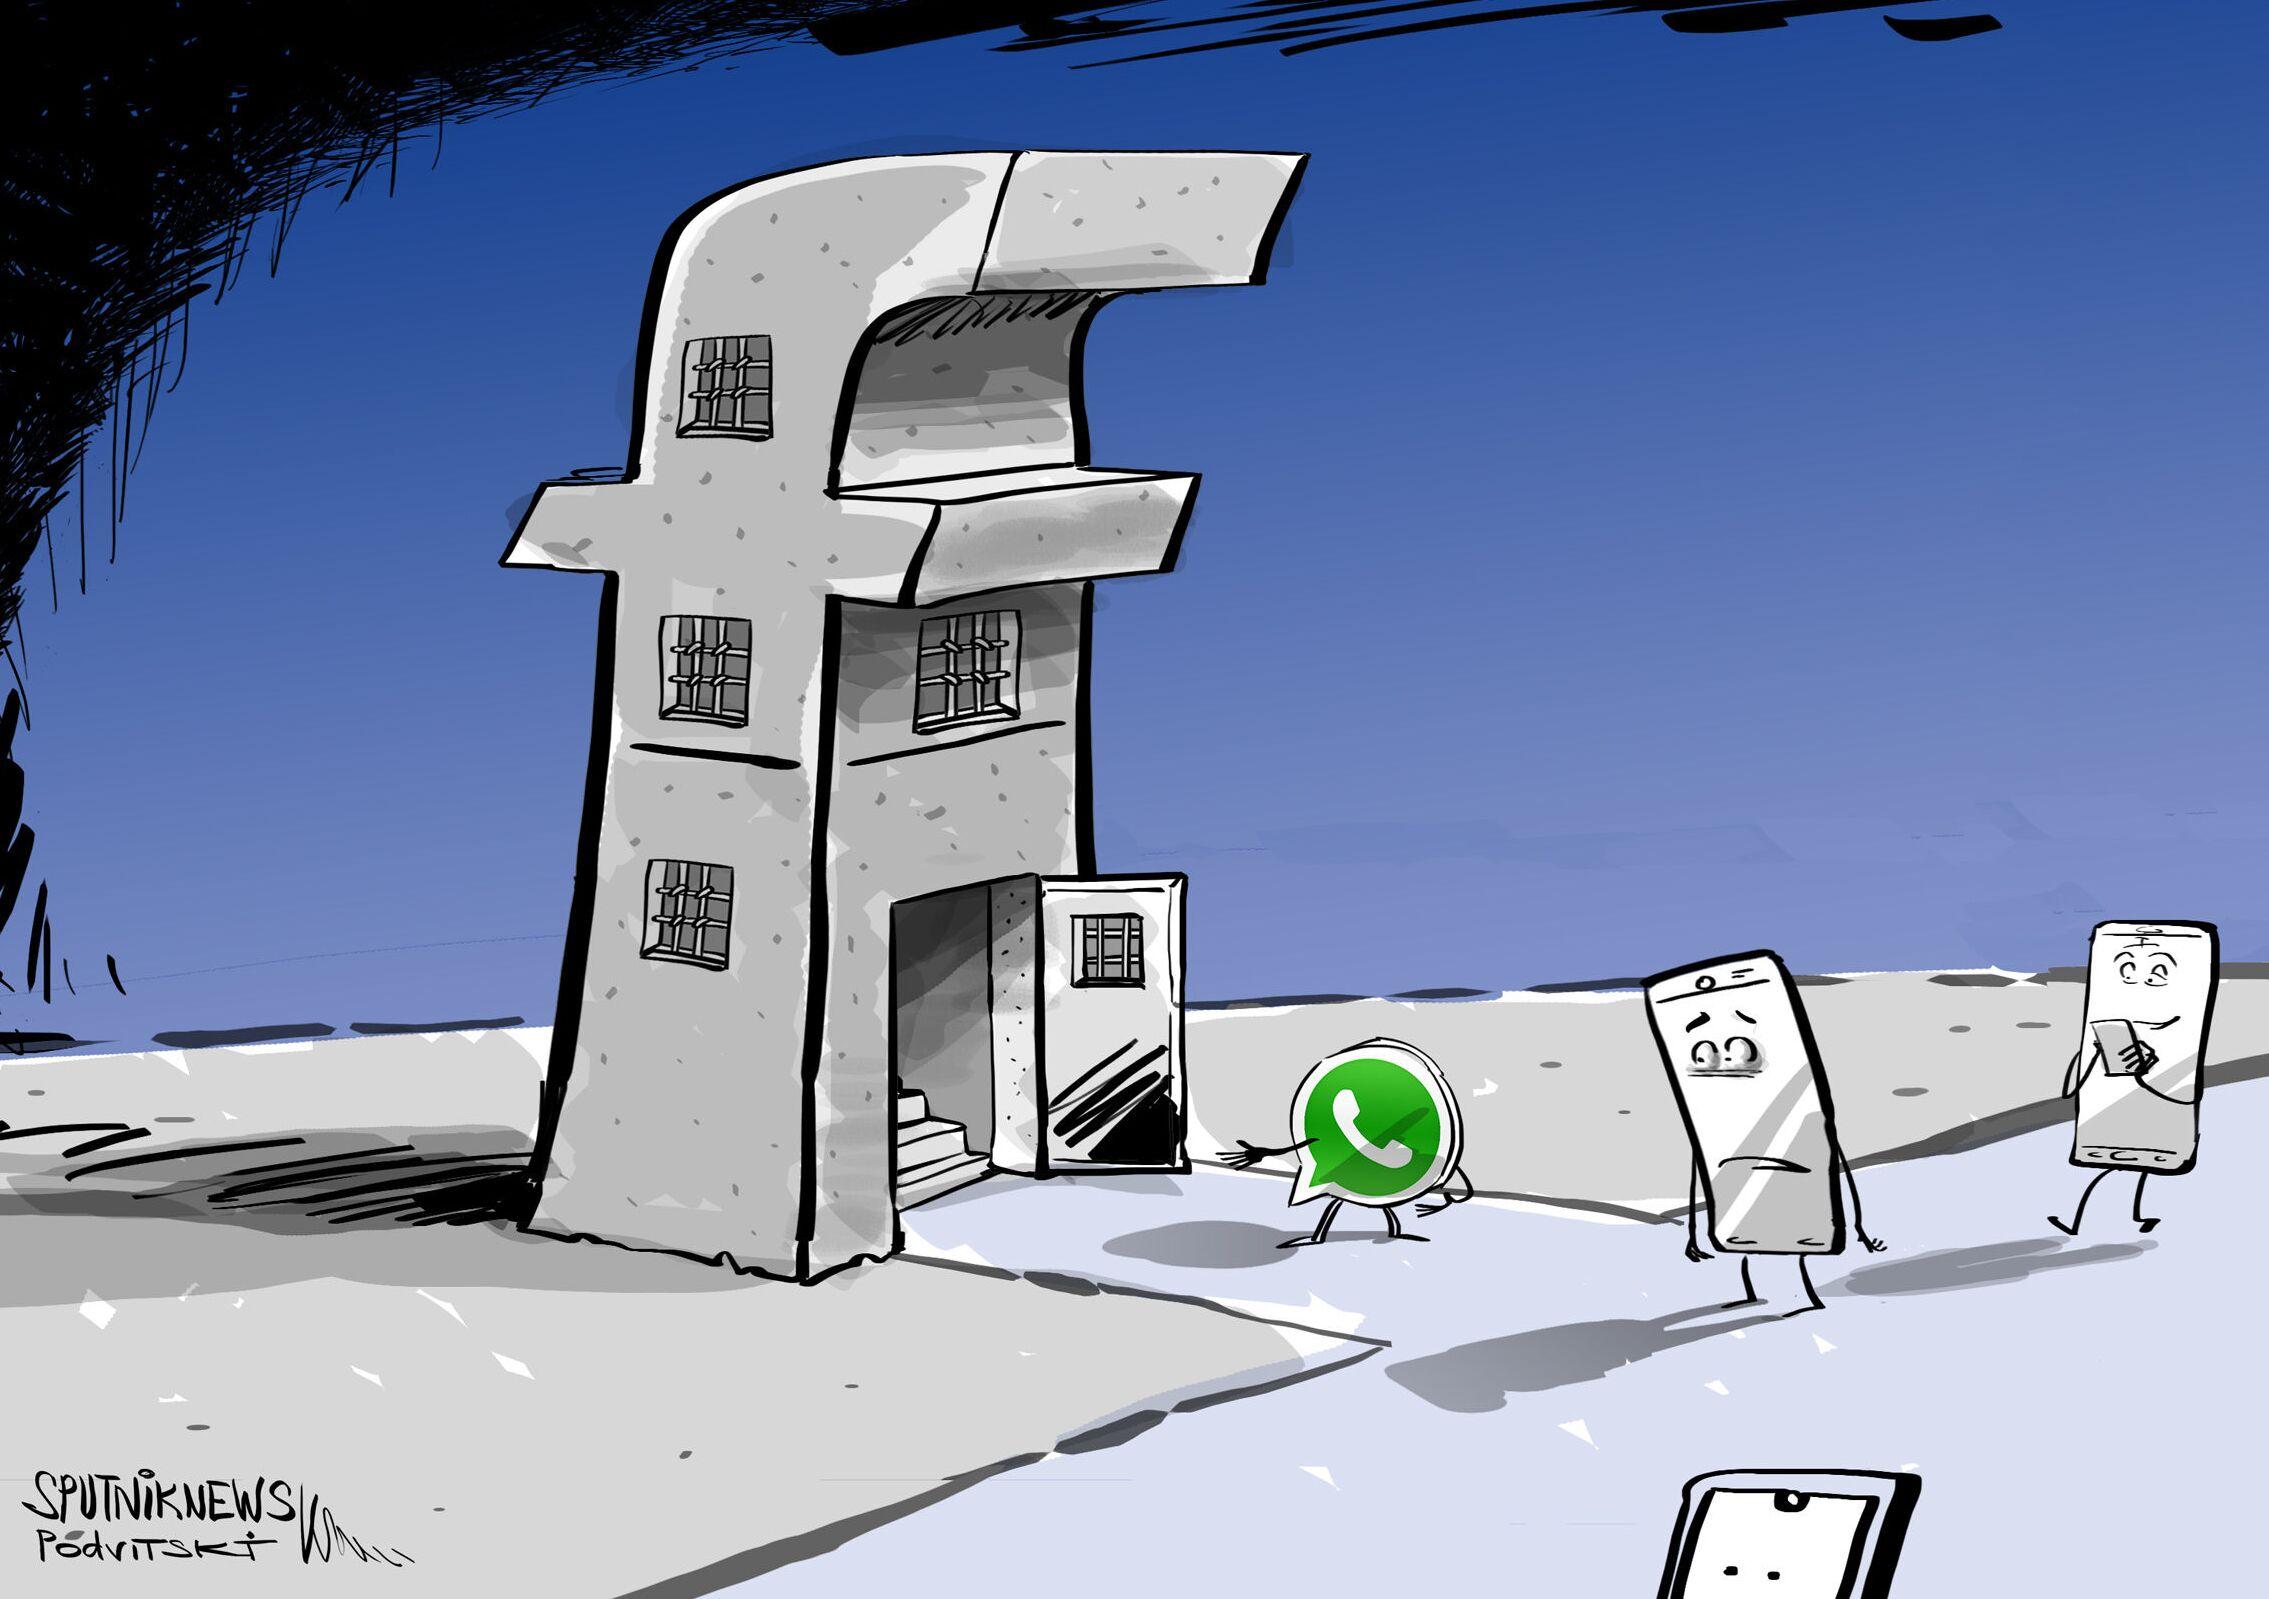 واتسآب سيوقف خدماته لمن يرفض التحديثات الجديدة